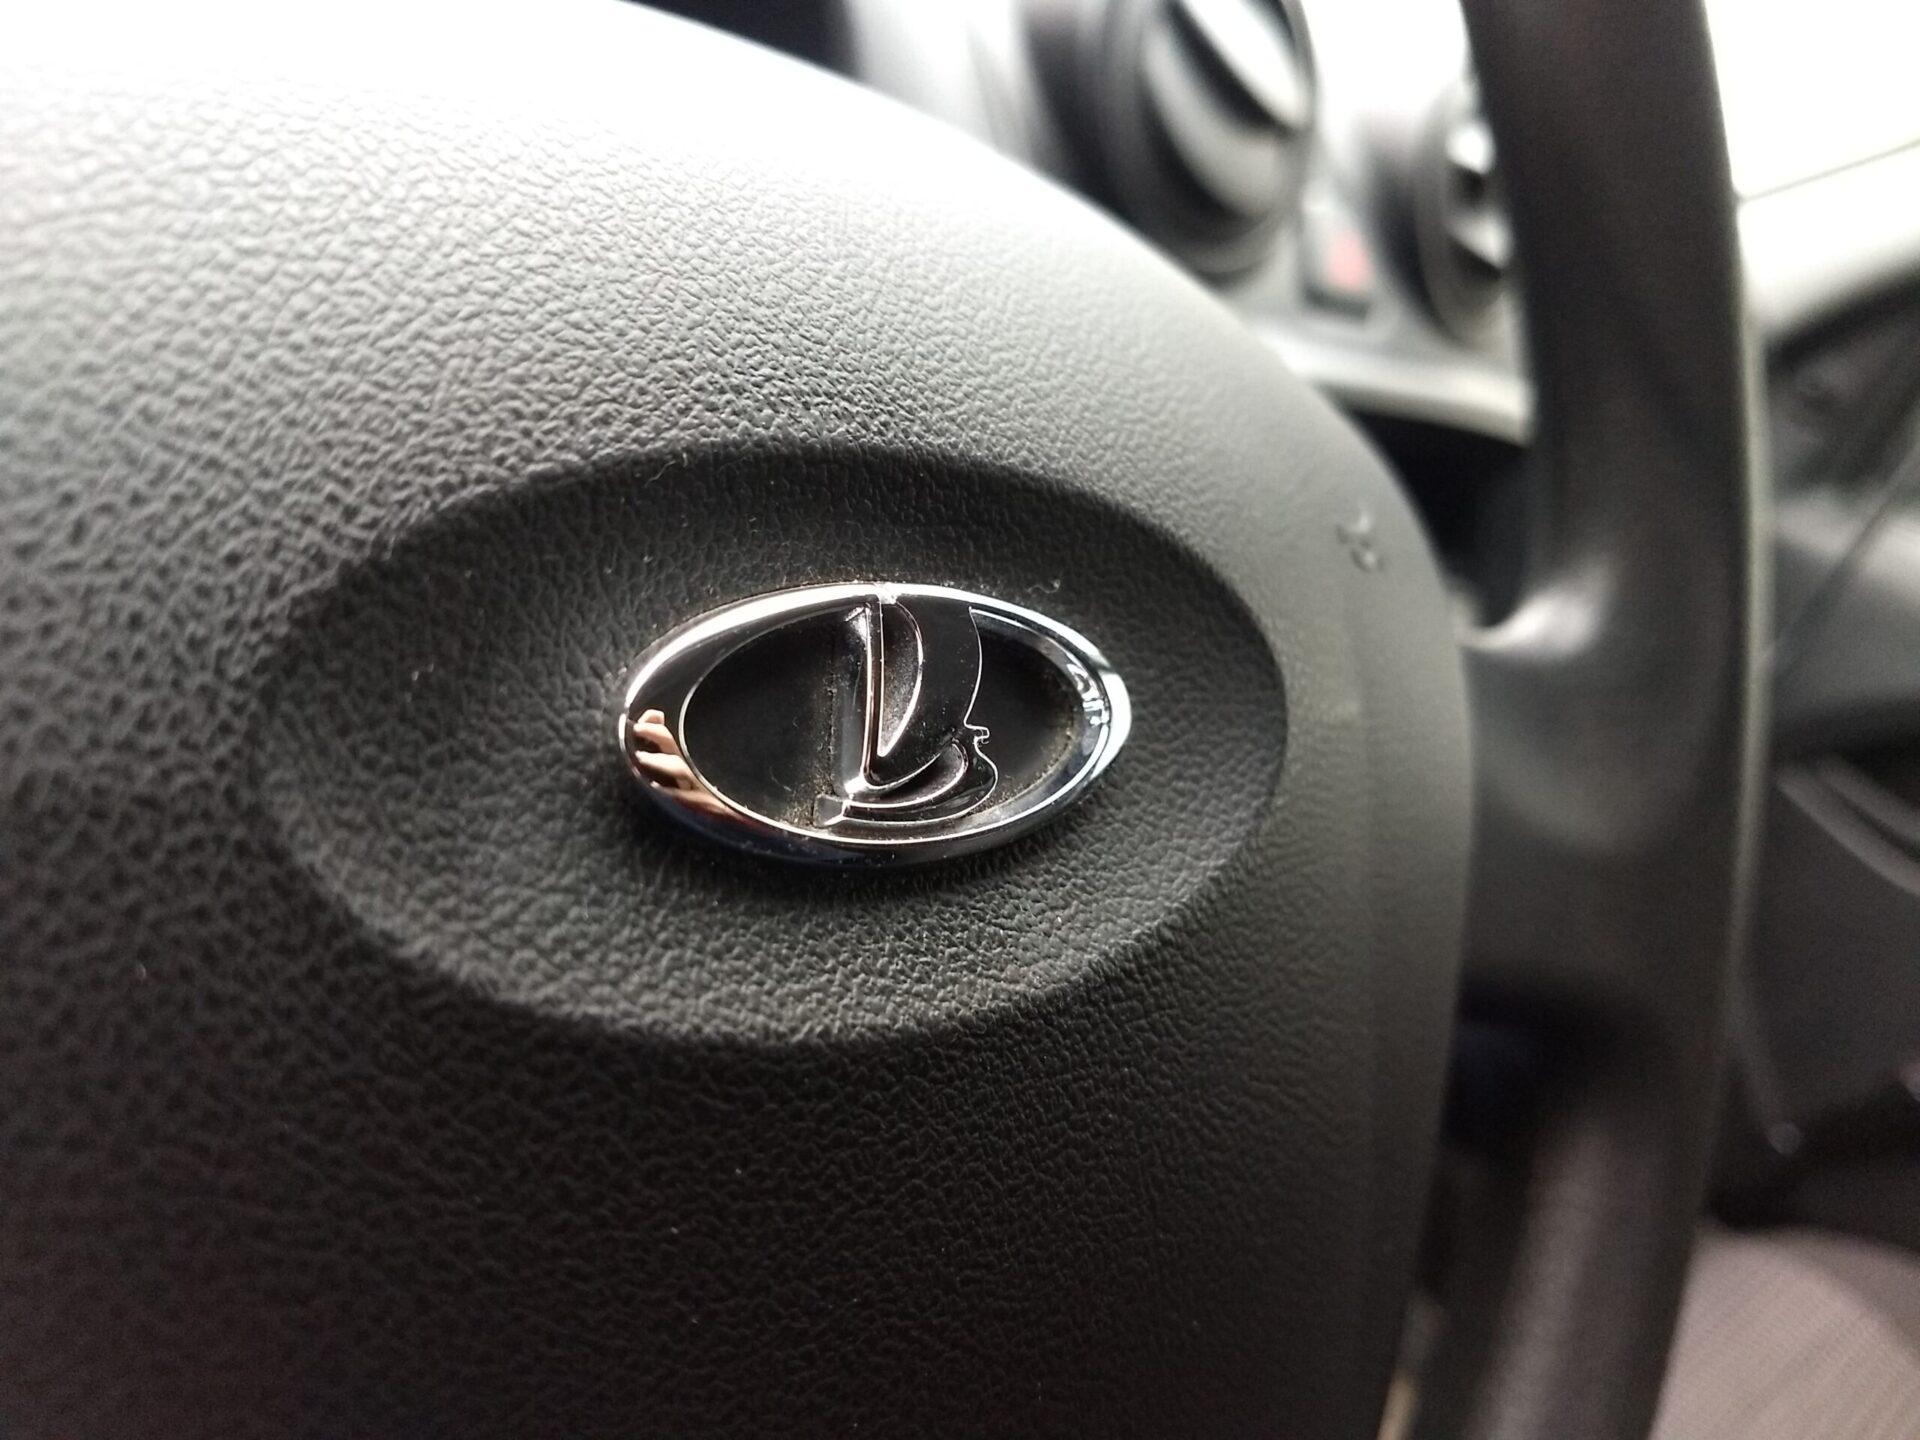 АвтоВАЗ третий раз в 2021 году повысил цены на свои автомобили LADA